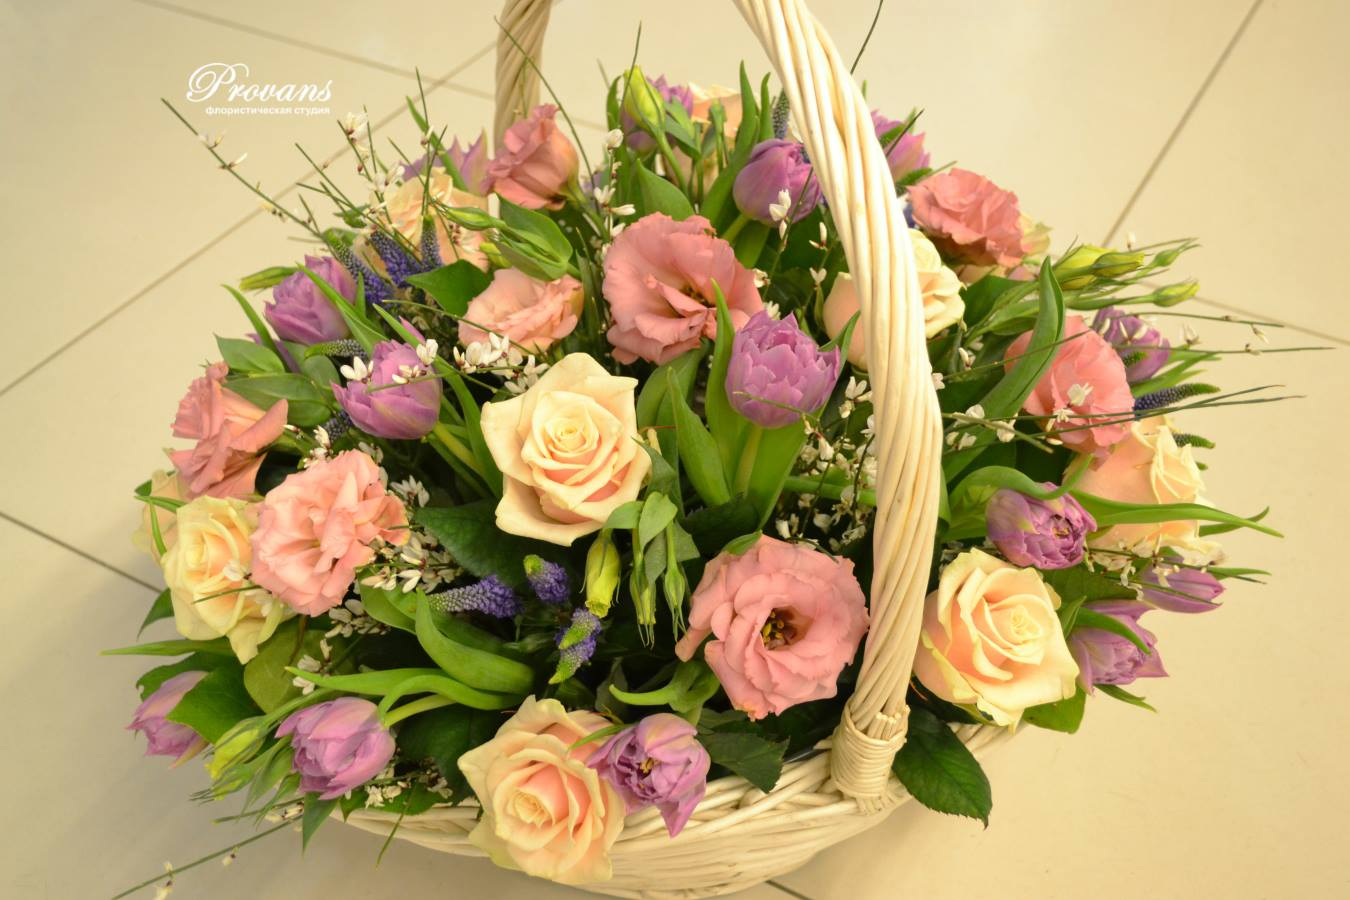 Корзинка с весенними цветами. Розы, тюльпаны